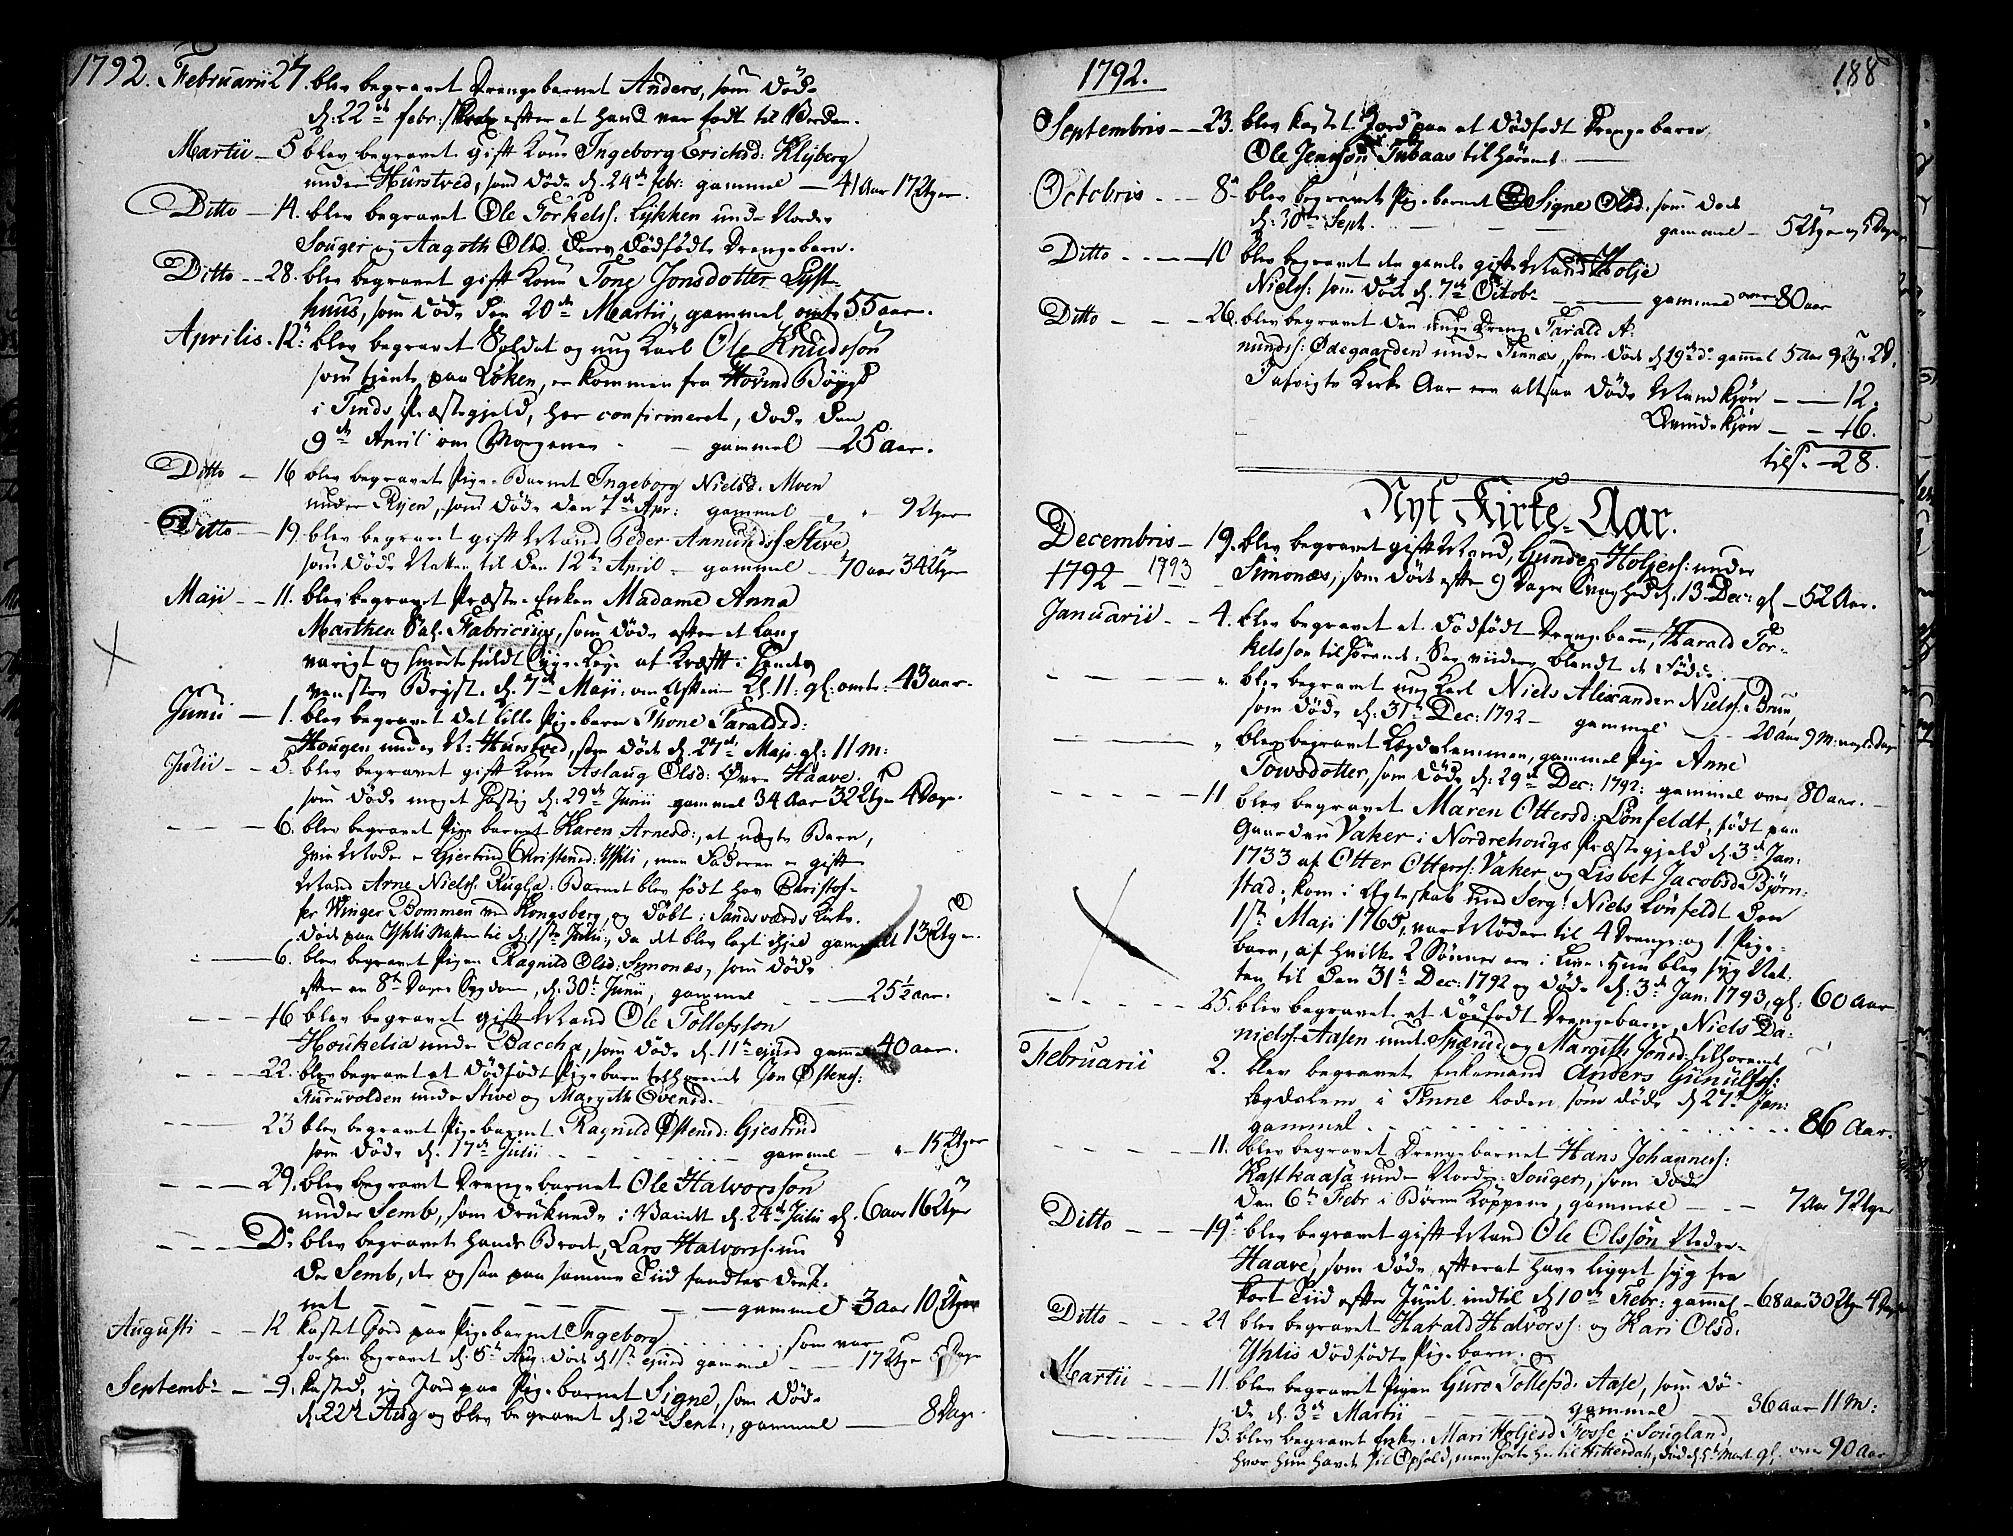 SAKO, Heddal kirkebøker, F/Fa/L0004: Ministerialbok nr. I 4, 1784-1814, s. 188